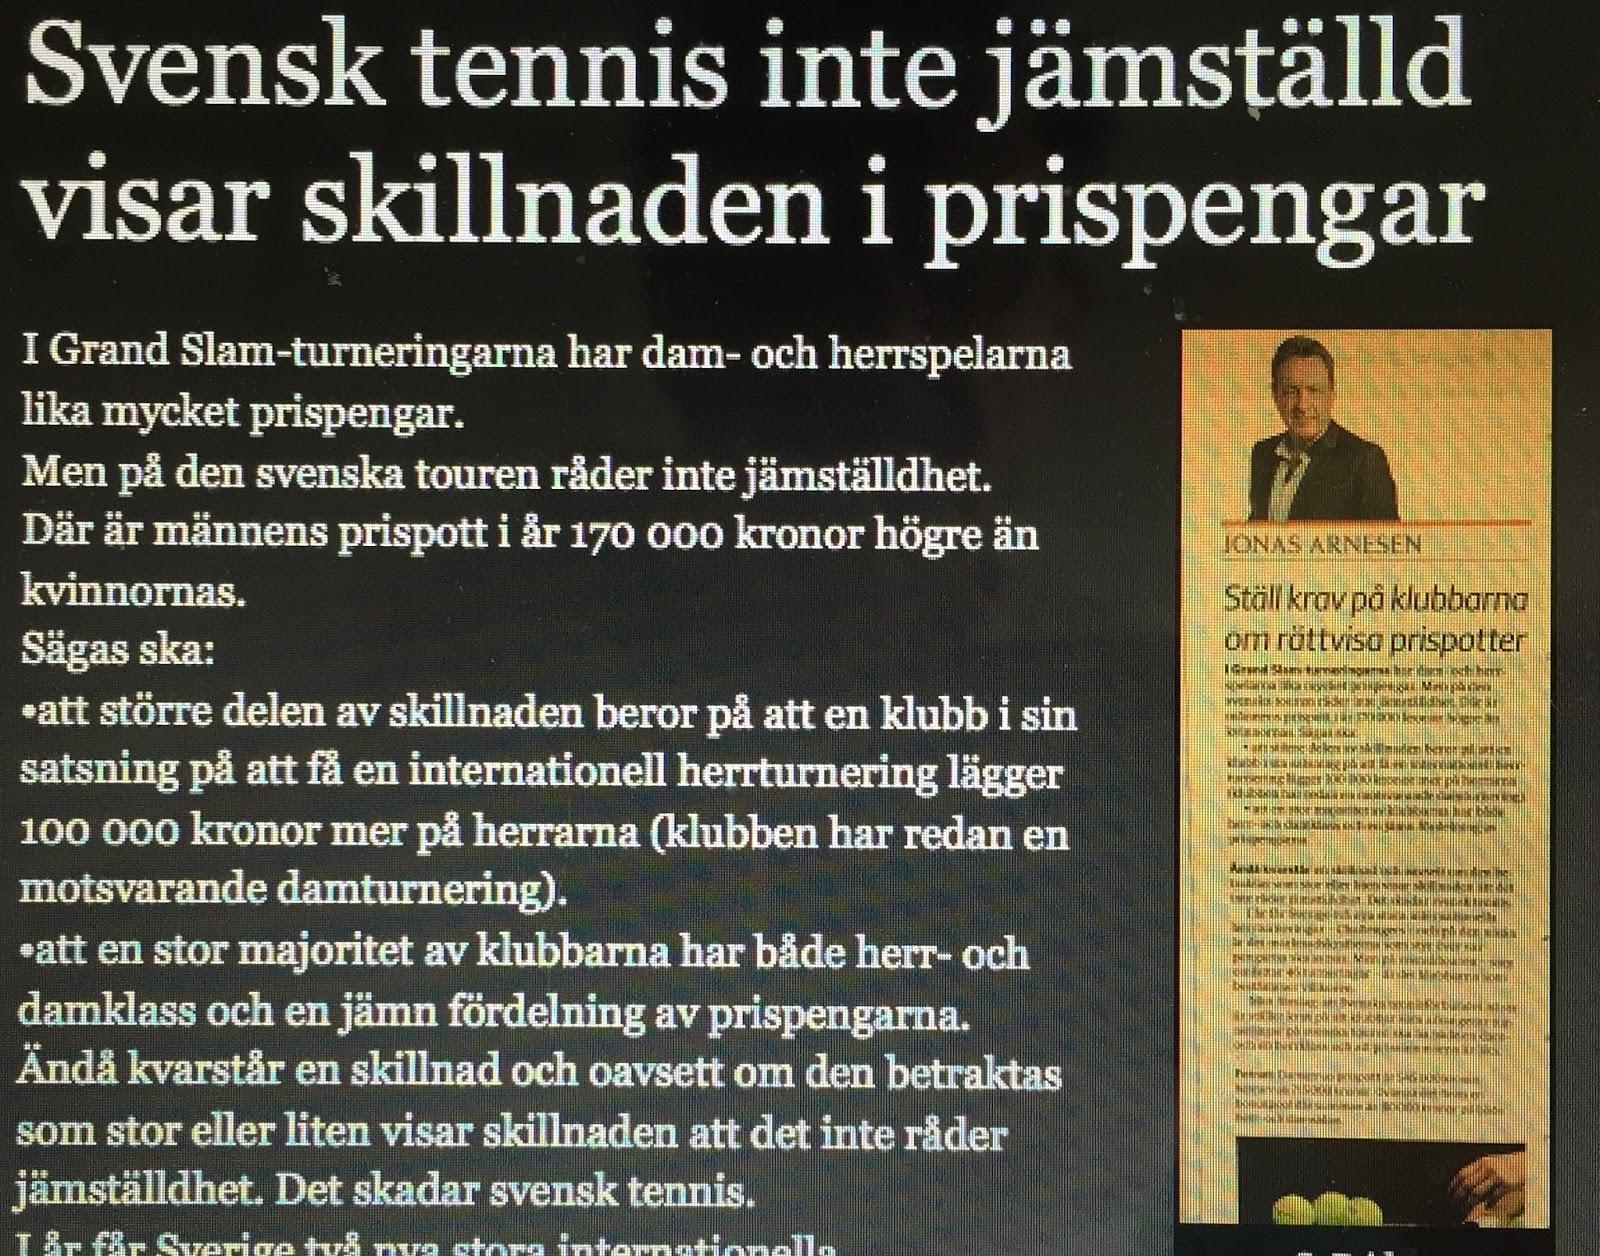 Sponsormiljoner till svensk tennis